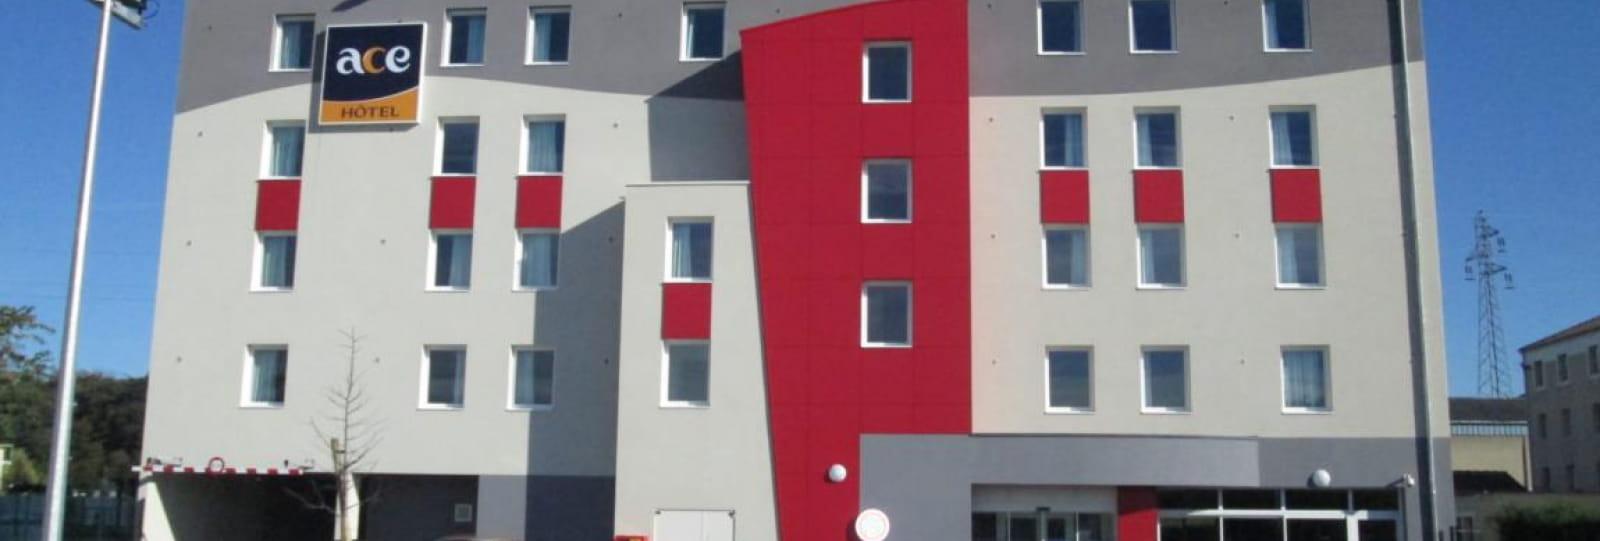 Hôtel ACE Valence